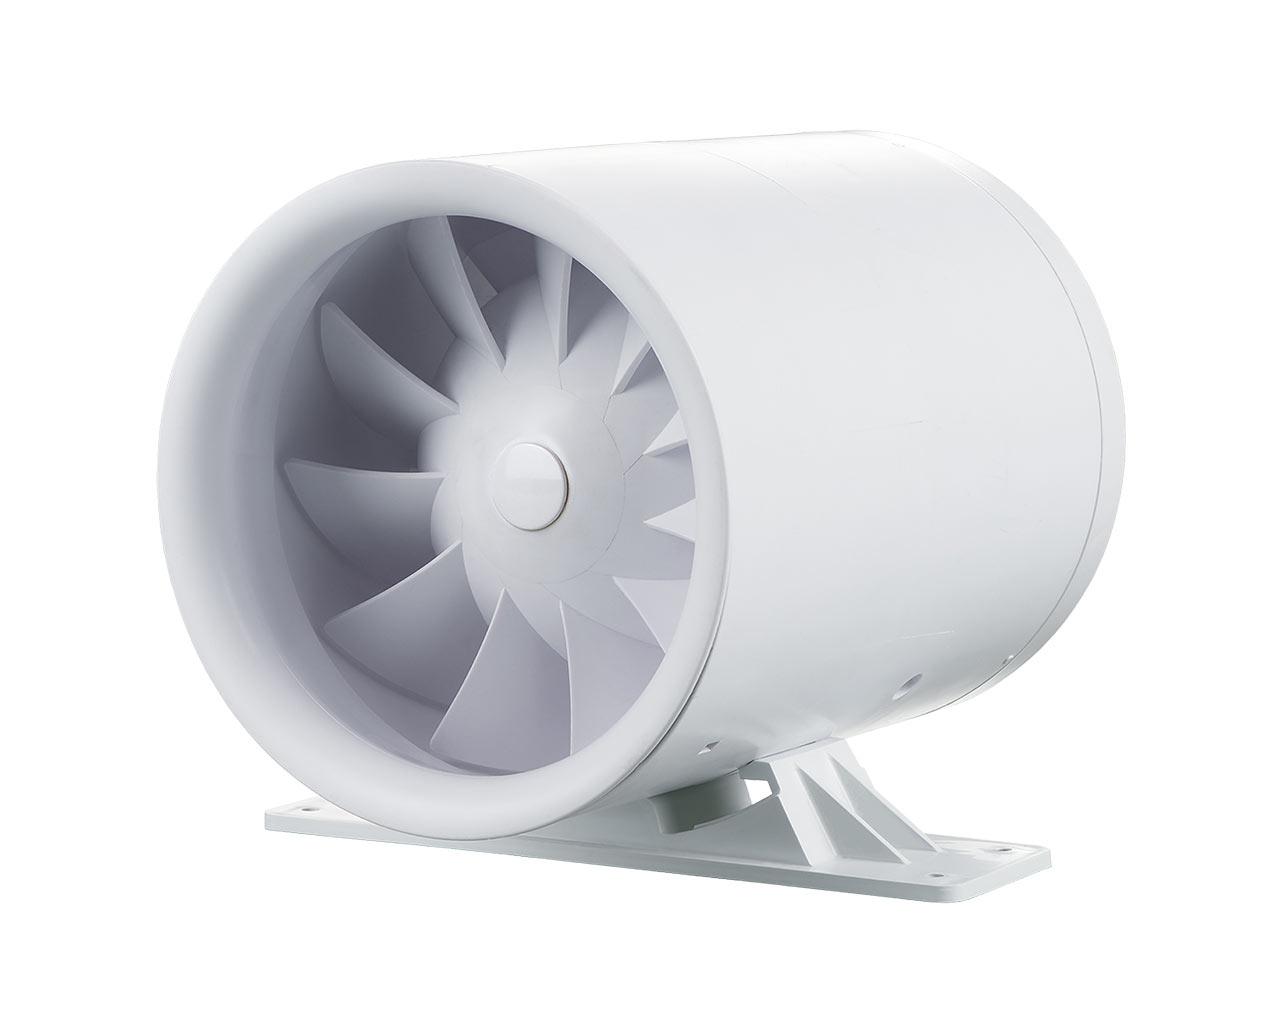 SIKU 125 Turbine-k Duo T1